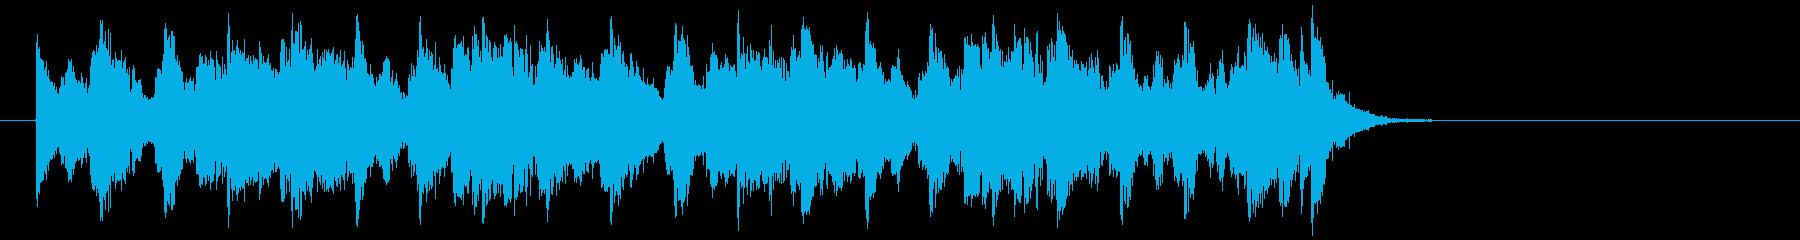 ほのぼのしたポップジャズ(サビ)の再生済みの波形